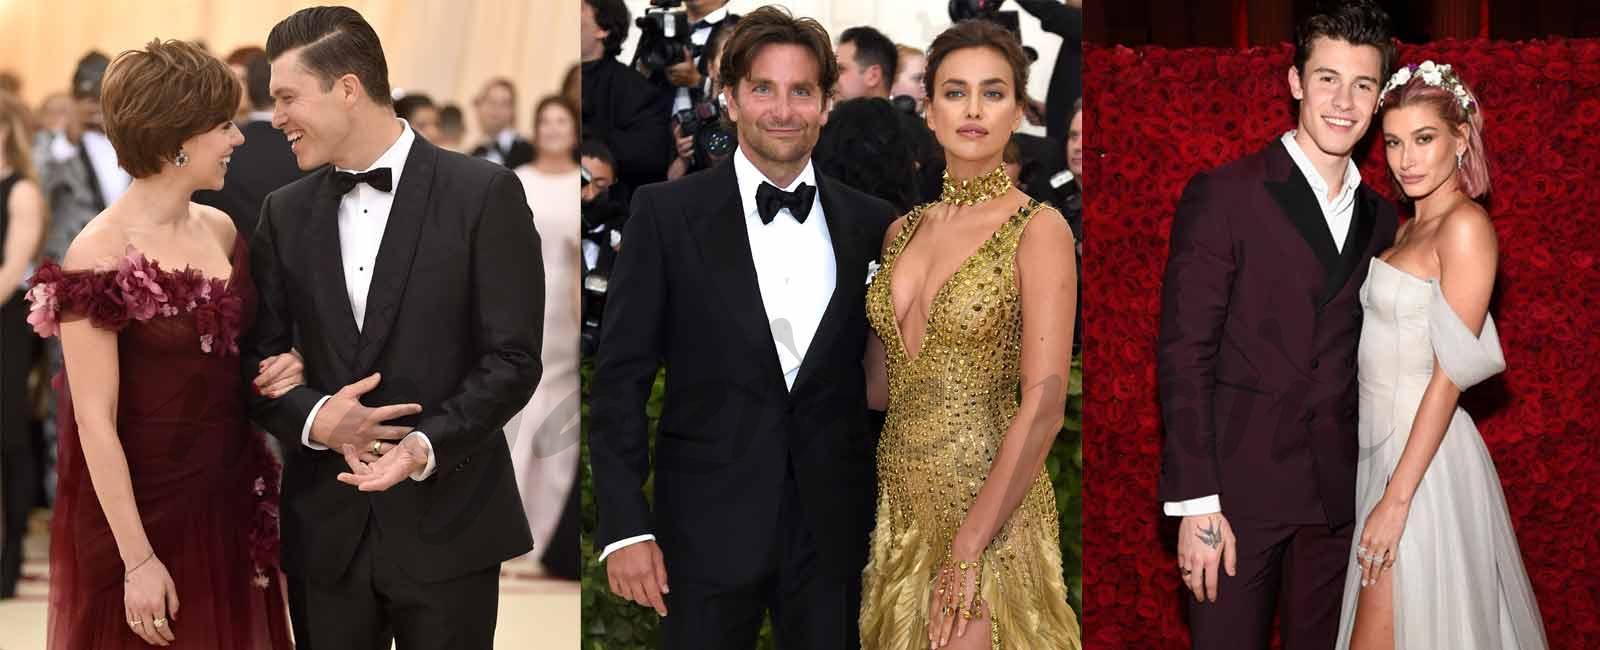 ¿Quién fue la pareja más sexy de la Gala MET 2018?